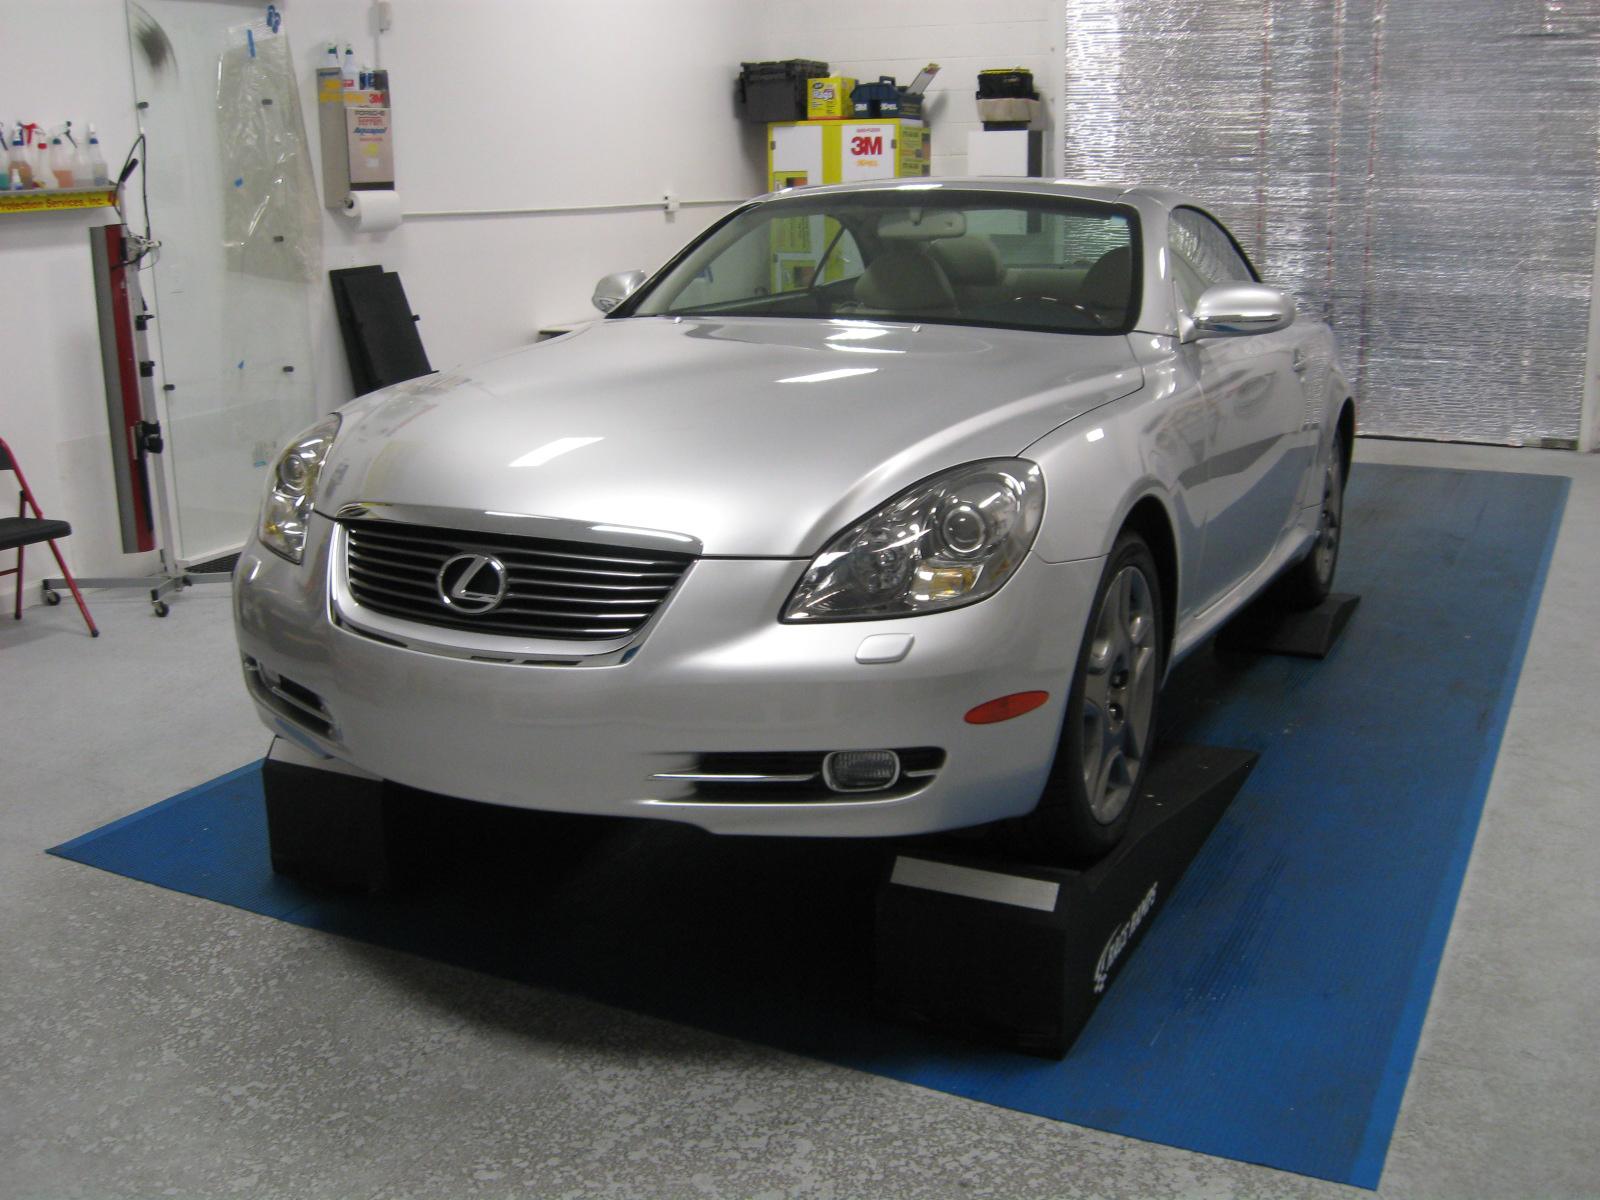 http://3.bp.blogspot.com/-bqJPKyNosA4/TsfbQq6h8HI/AAAAAAAAAQo/B5JWmOuRqx0/s1600/Lexus+SC430.jpg